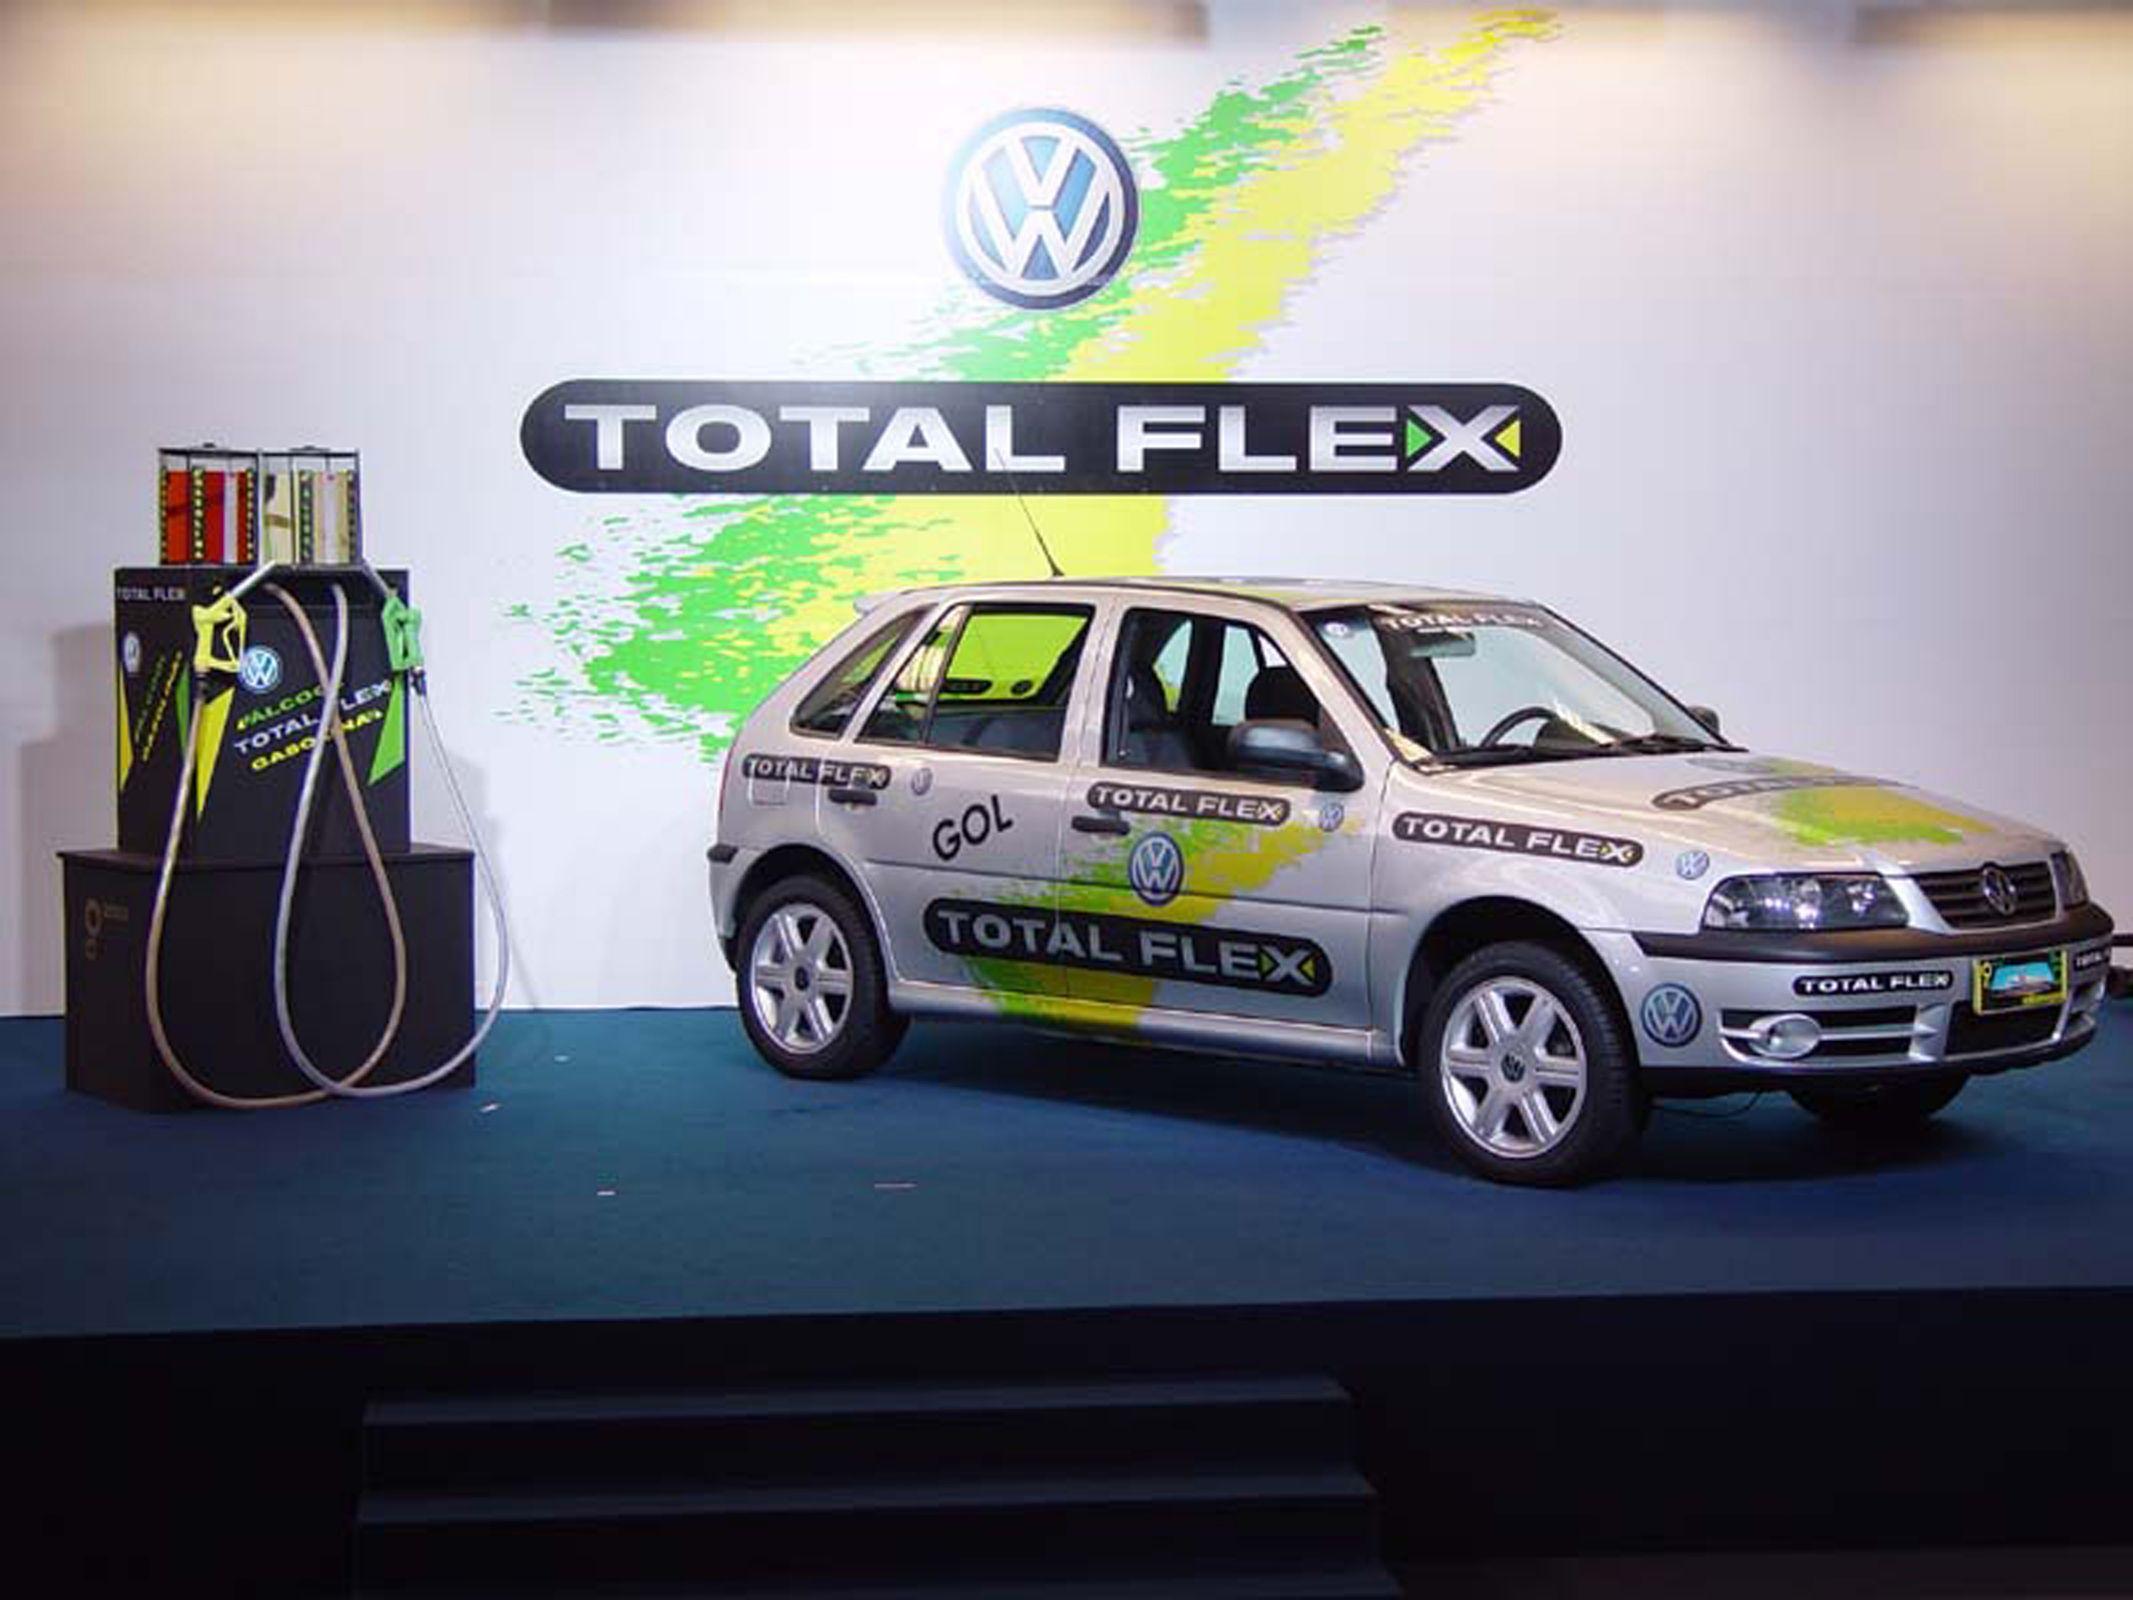 Etanol ou gasolina: Gol primeiro carro flex do Brasil